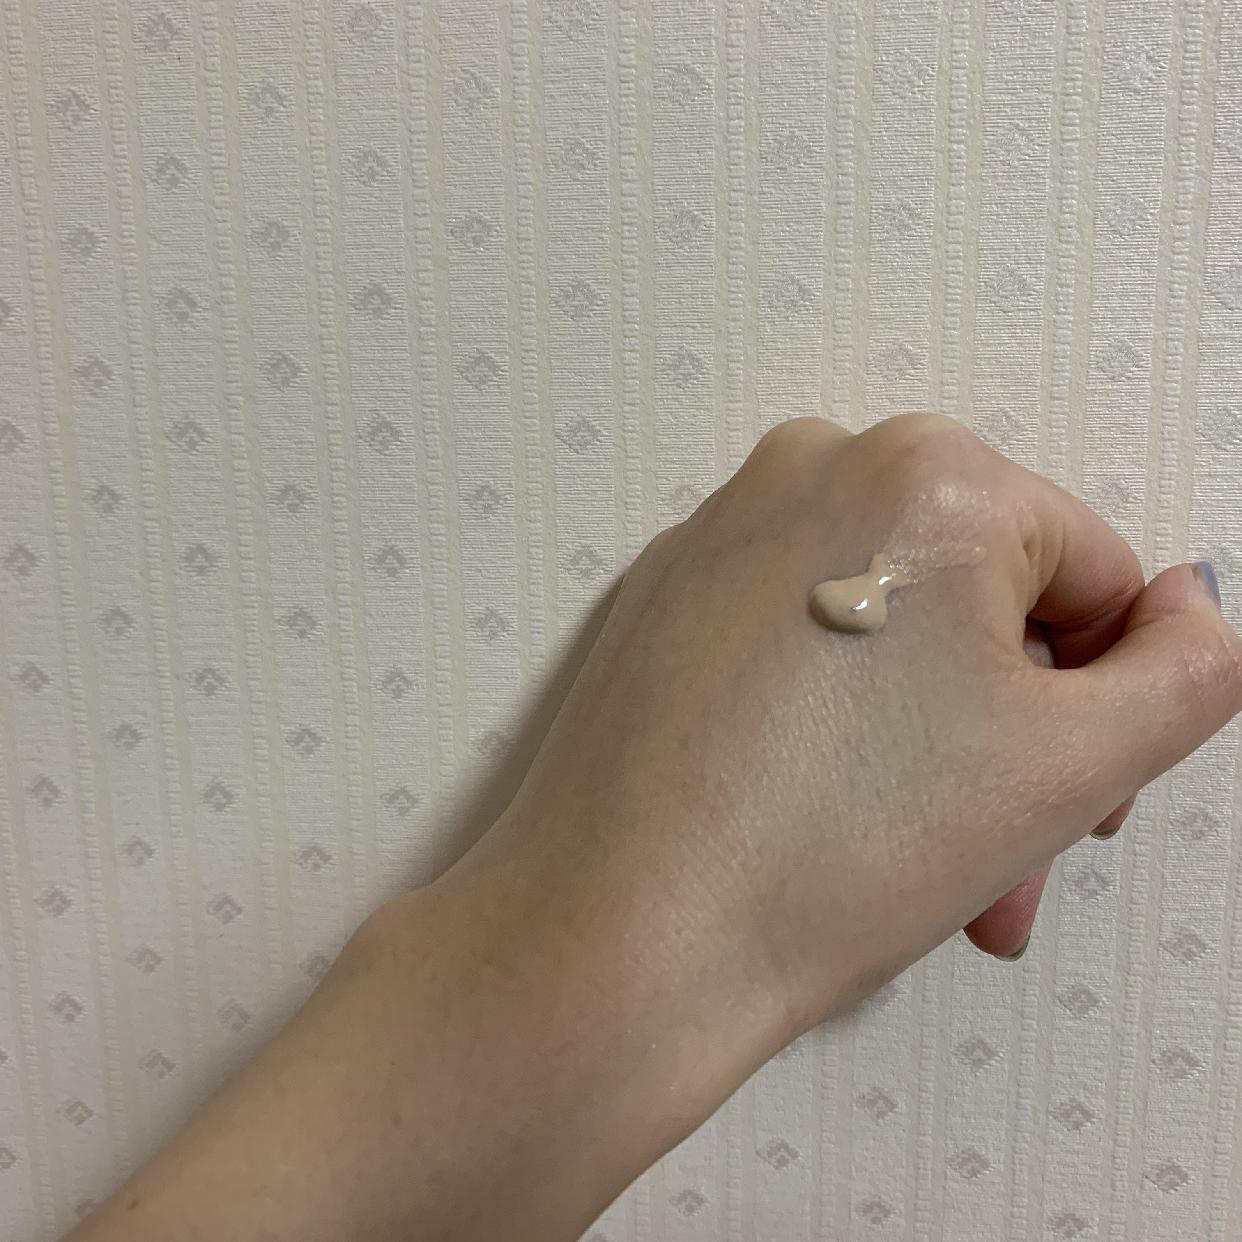 SK-Ⅱ(エスケーツー)アトモスフィア CCクリームを使った えいみさんの口コミ画像2